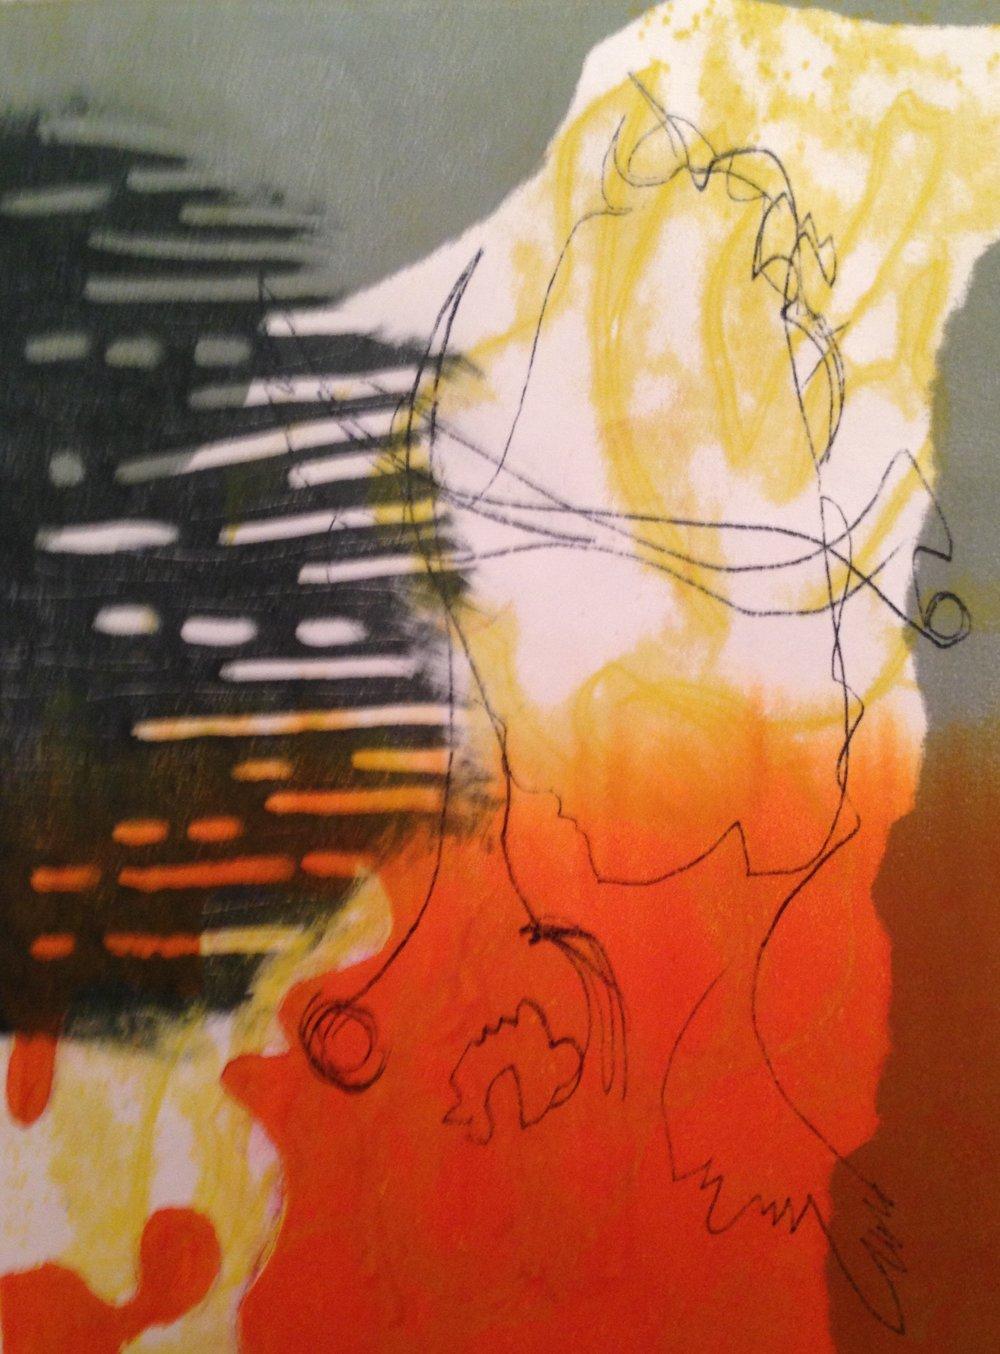 """""""Breath Of Fire"""", monotype, 9"""" x 12"""", $55 (unframed)"""